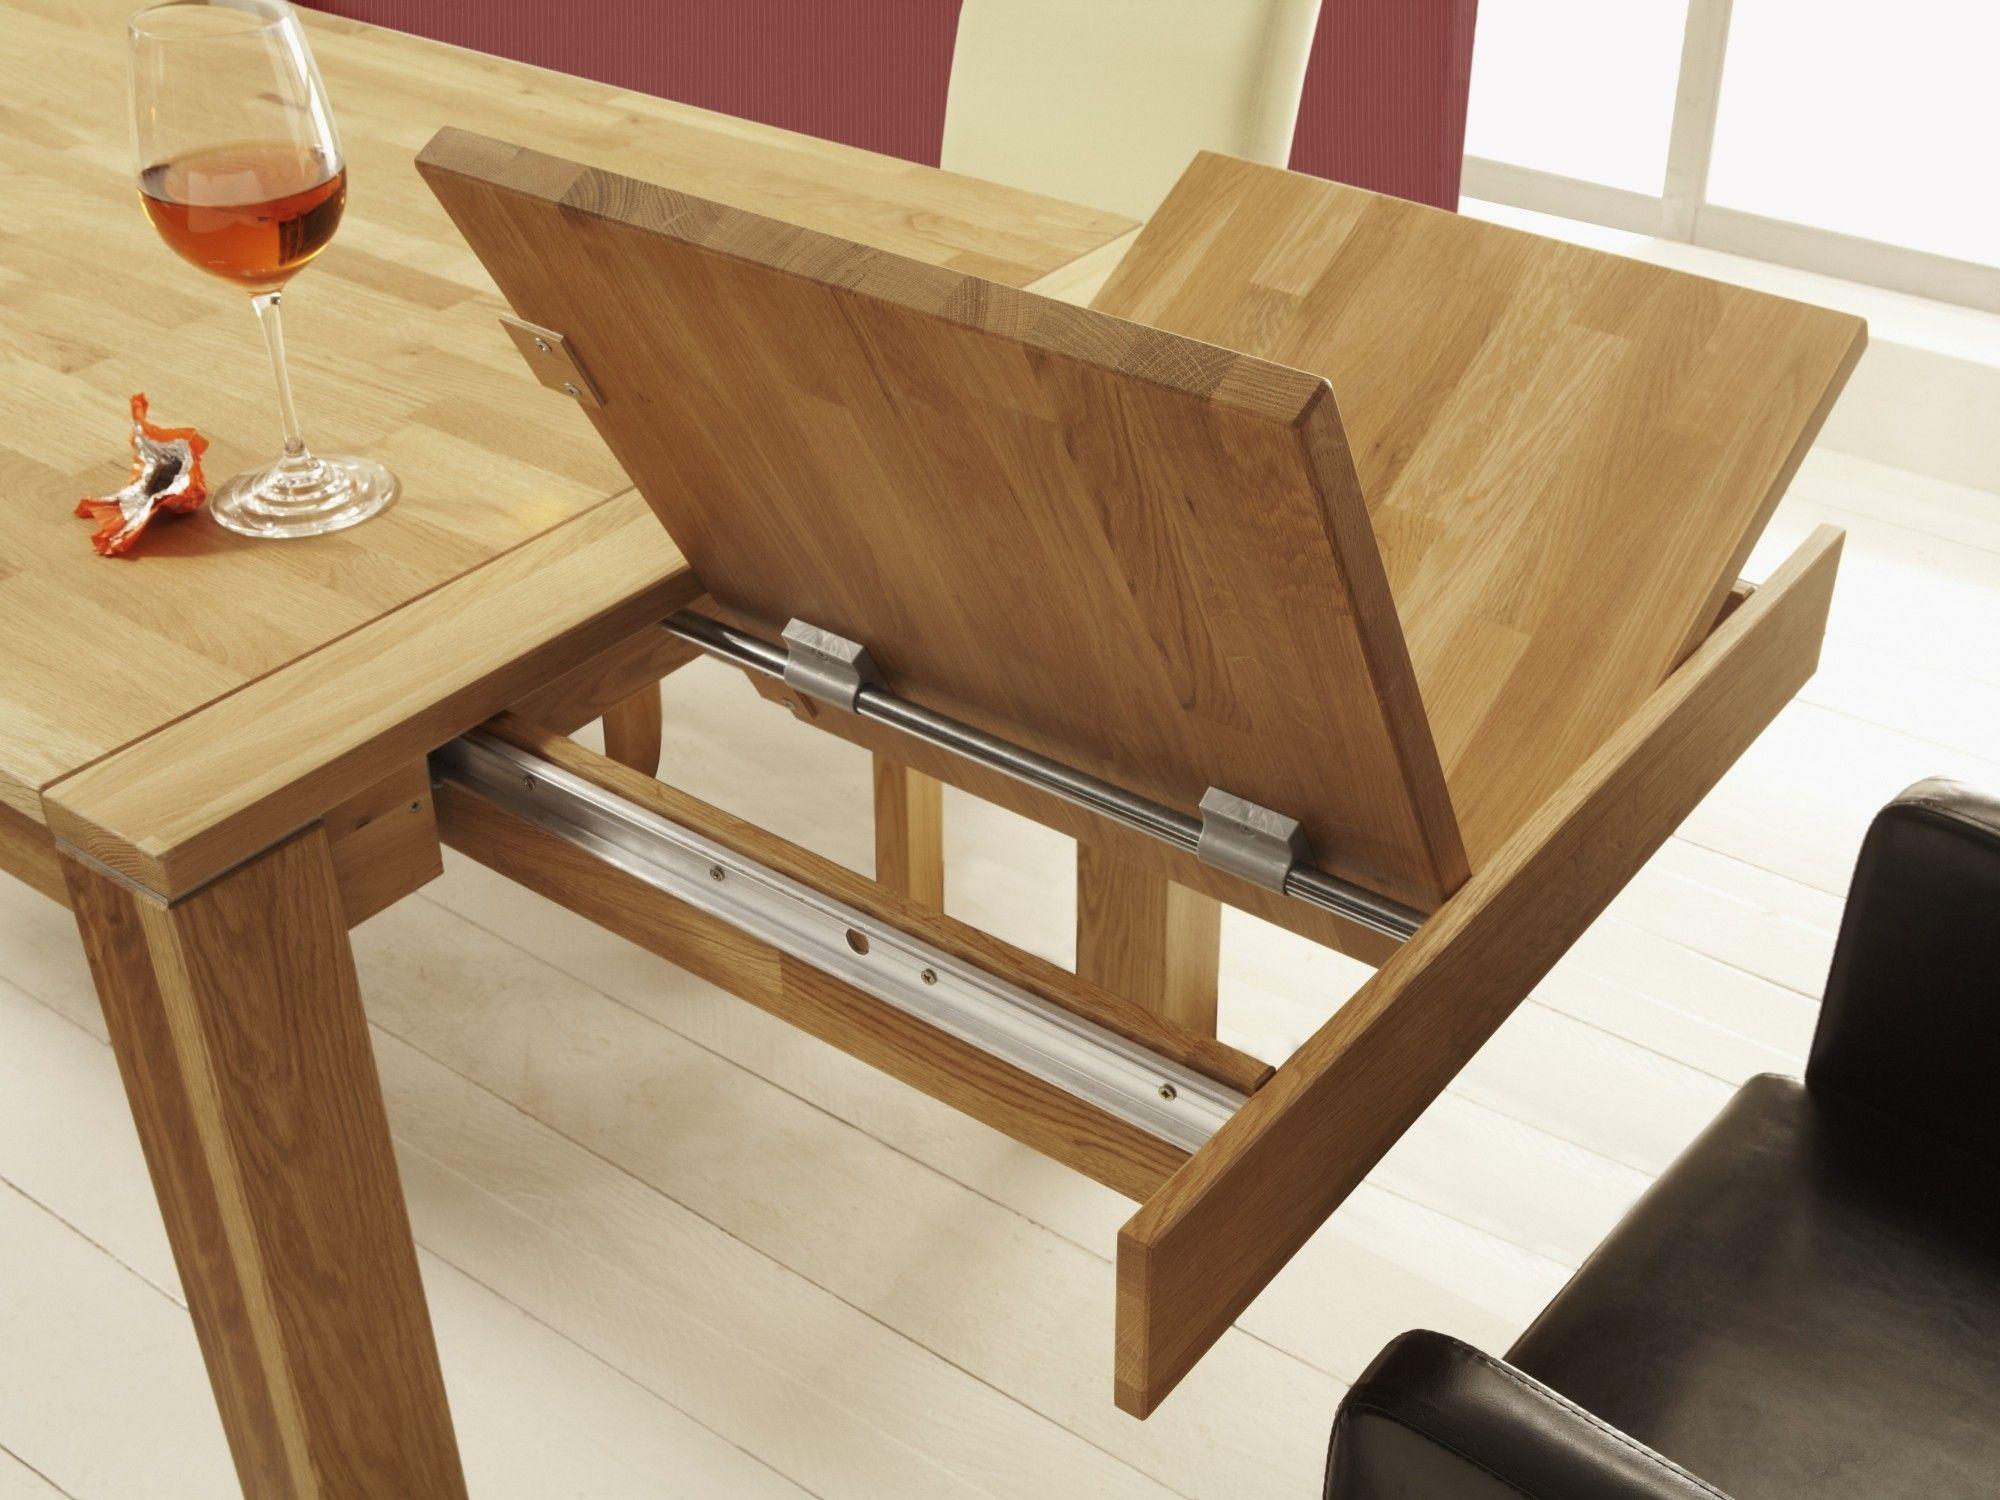 Schon Ausziehbarer Esstisch Kuchentisch Ausziehbar Esstisch Ausziehbar Und Esstisch Holz Ausziehbar